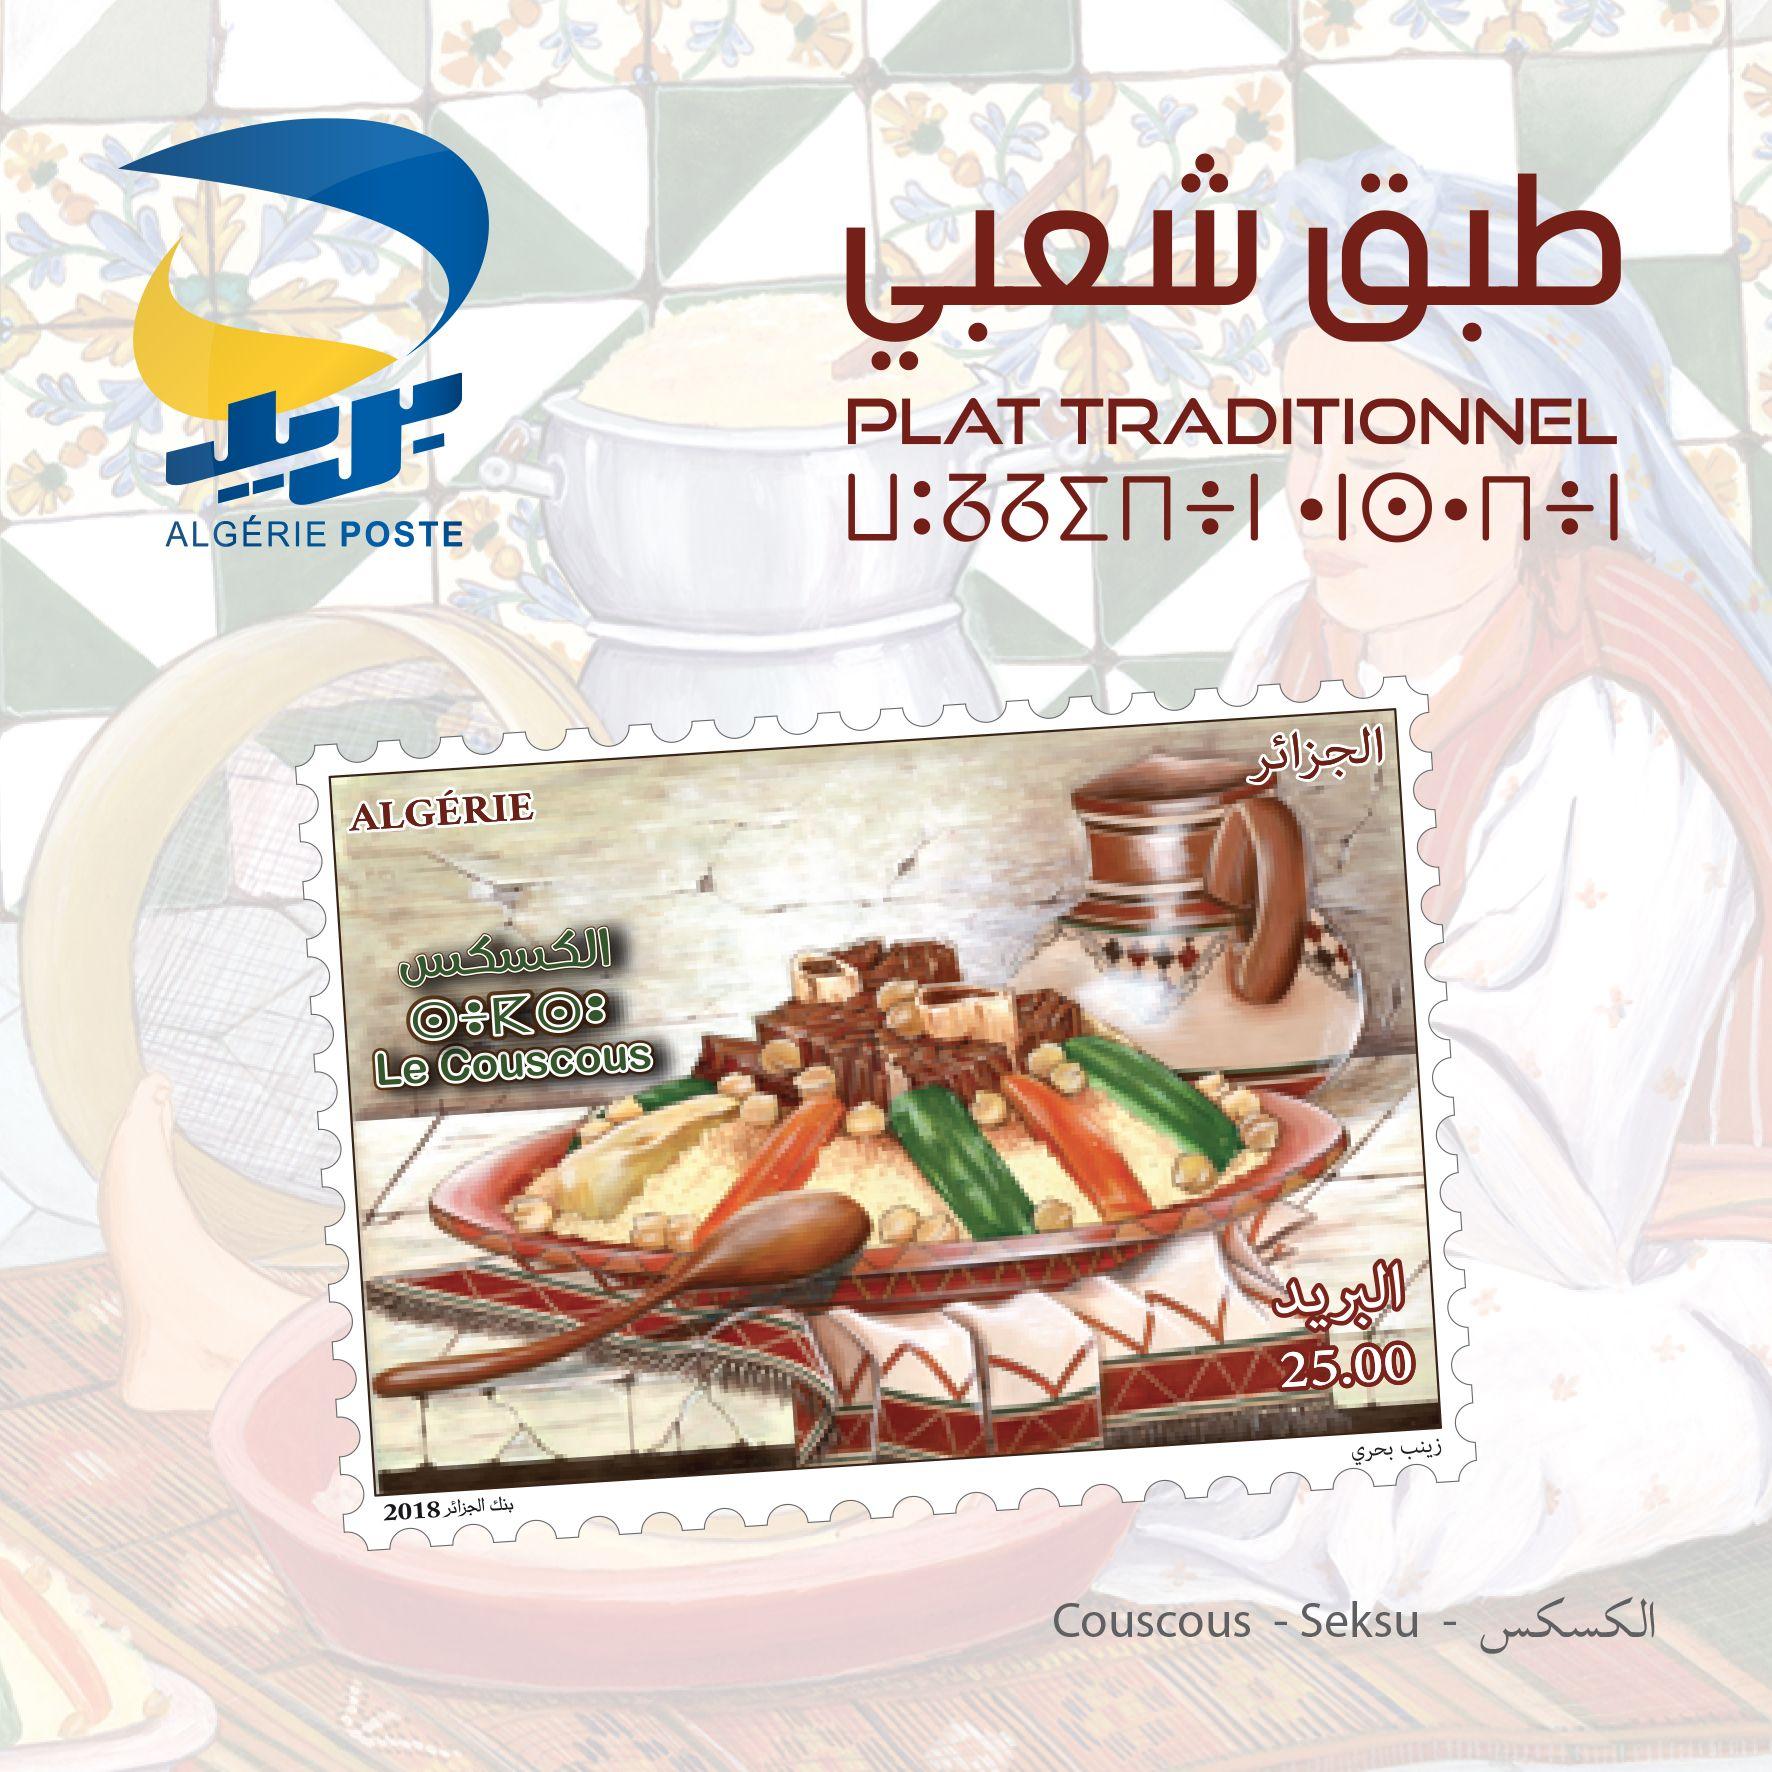 Carte Or Algerie Poste.Algerie Poste Emet Un Nouveau Timbre Poste Consacre Au Fameux Plat